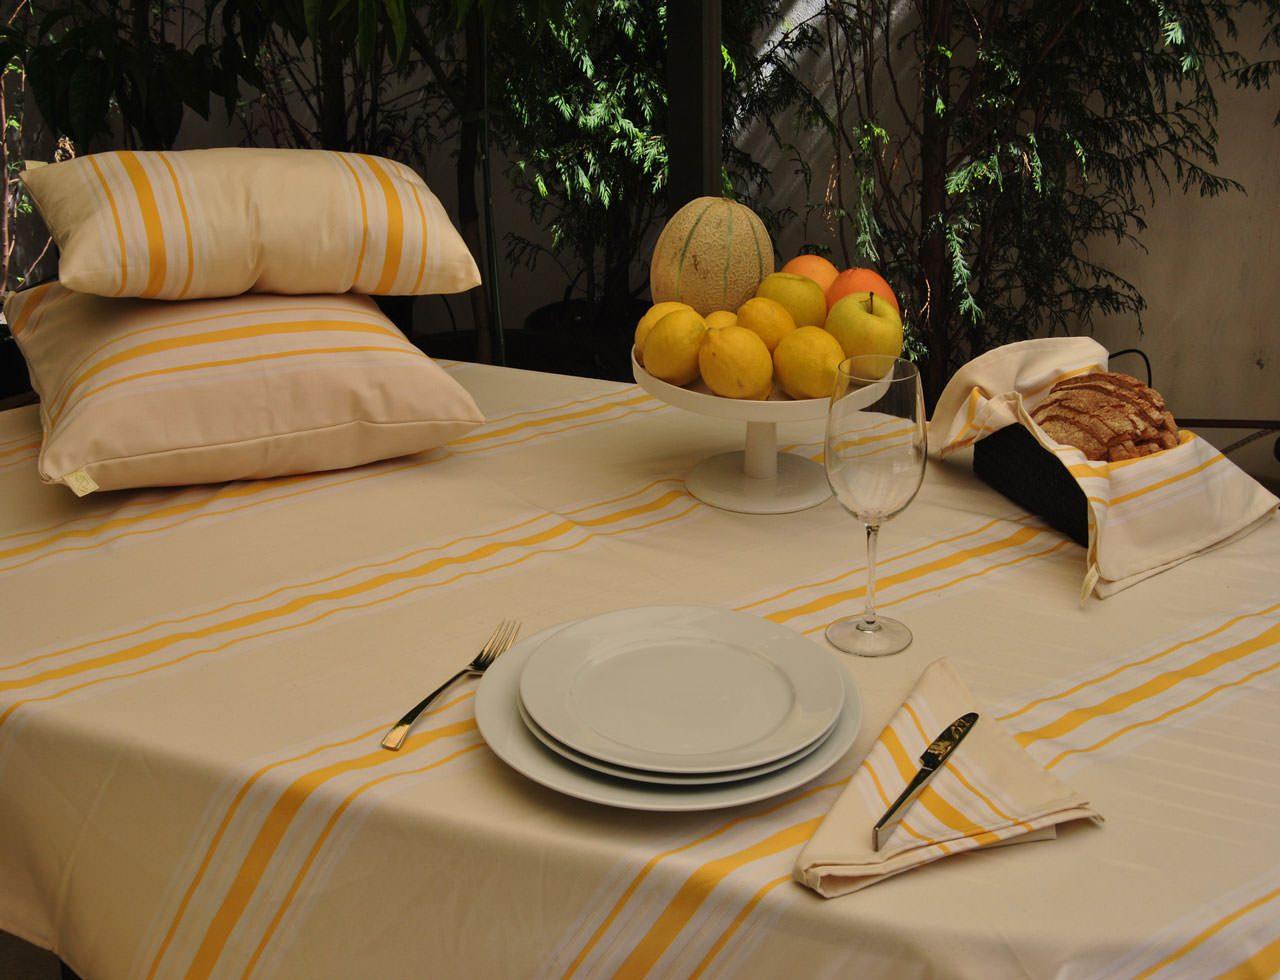 mesa com uma toalha de mesa, almofadas, fruta e pratos